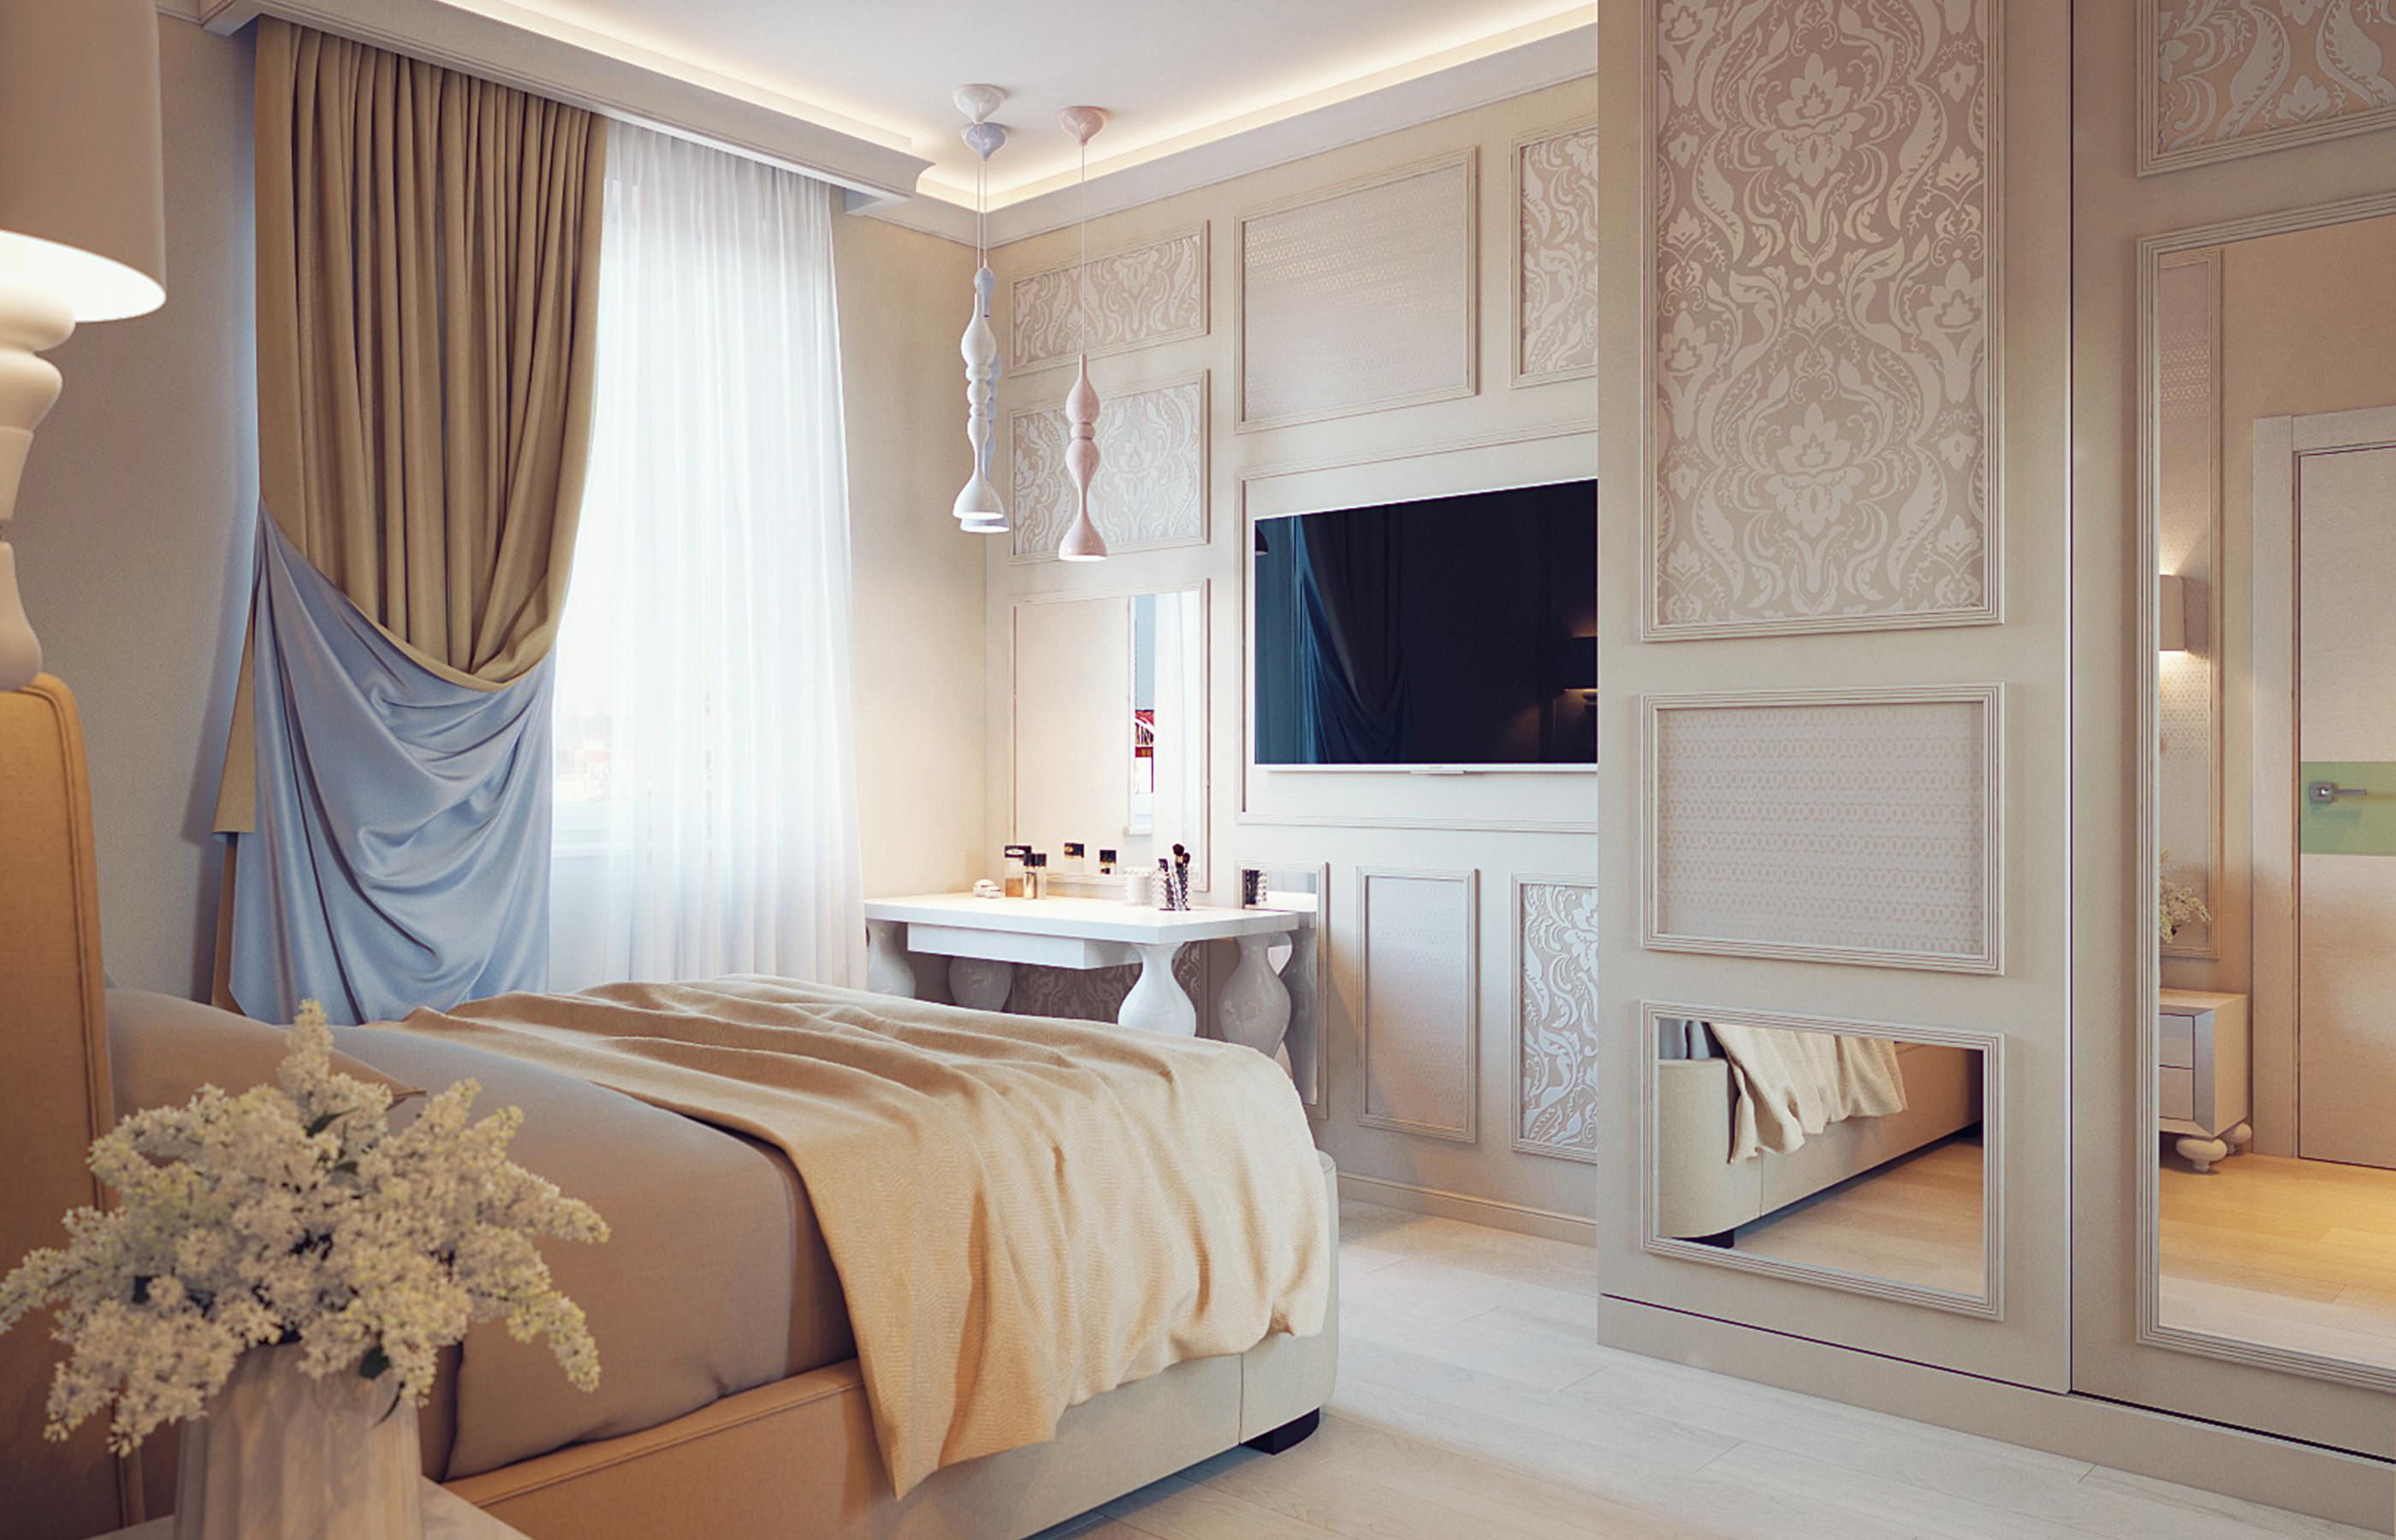 Шкаф-невидимка в интерьере спальни